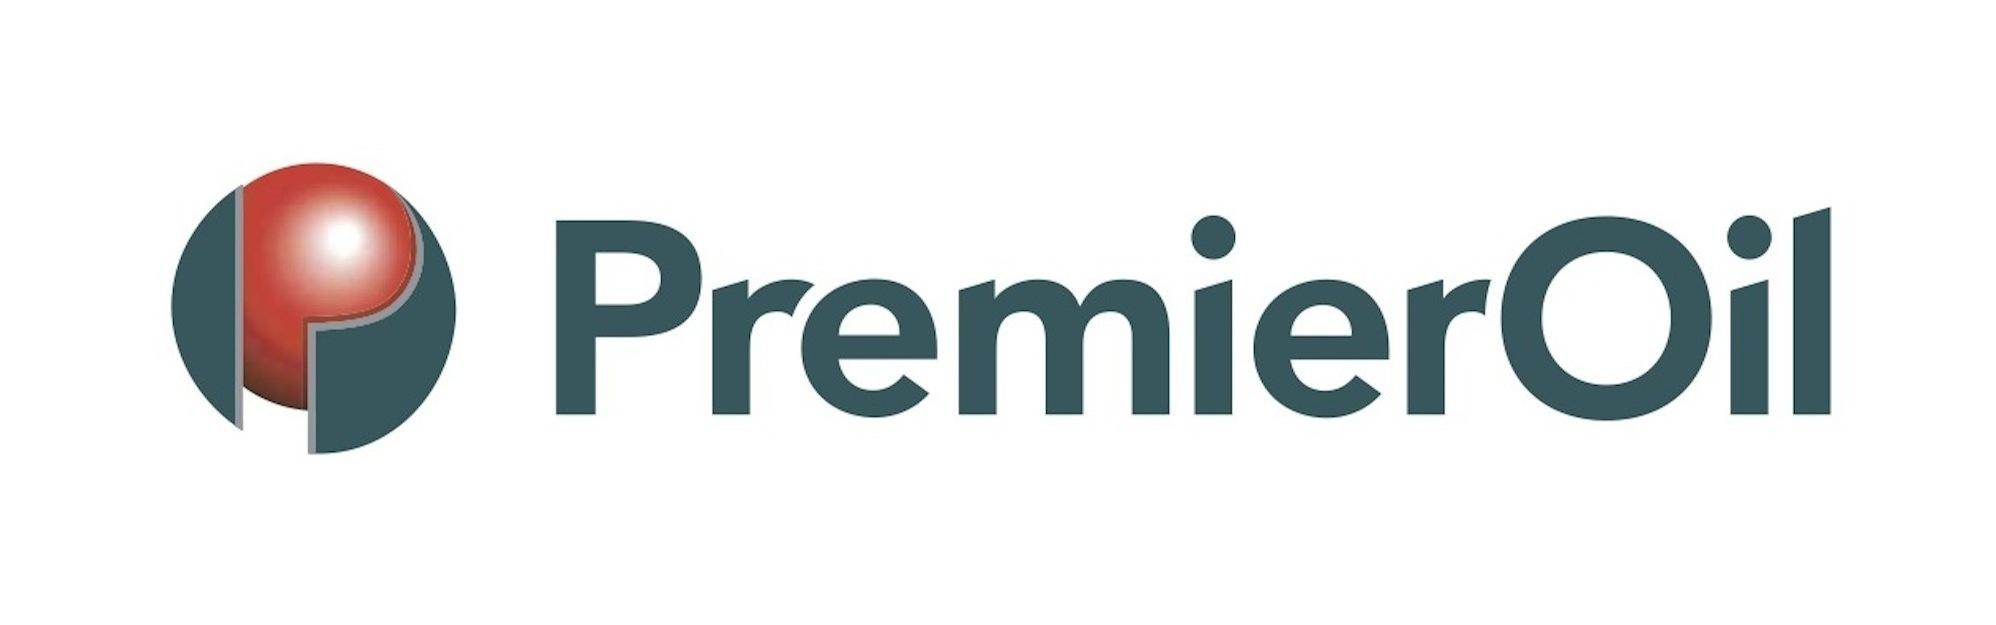 premier-oil-logo.jpg